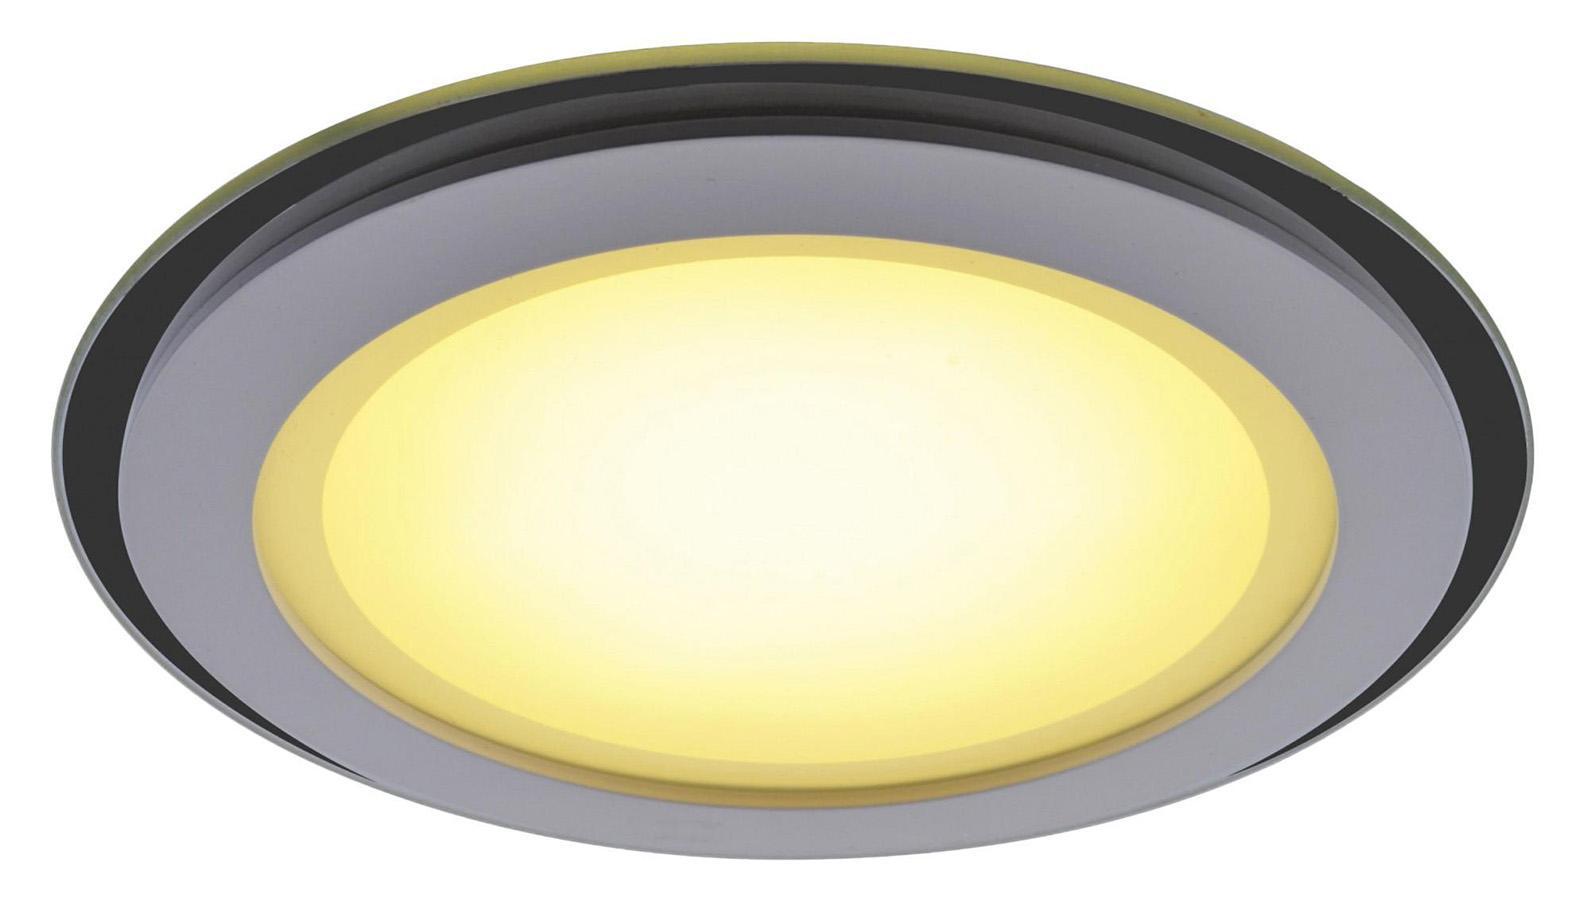 Светильник встраиваемый Arte lamp A4118pl-1wh встраиваемый светильник arte lamp cielo a7314pl 1wh